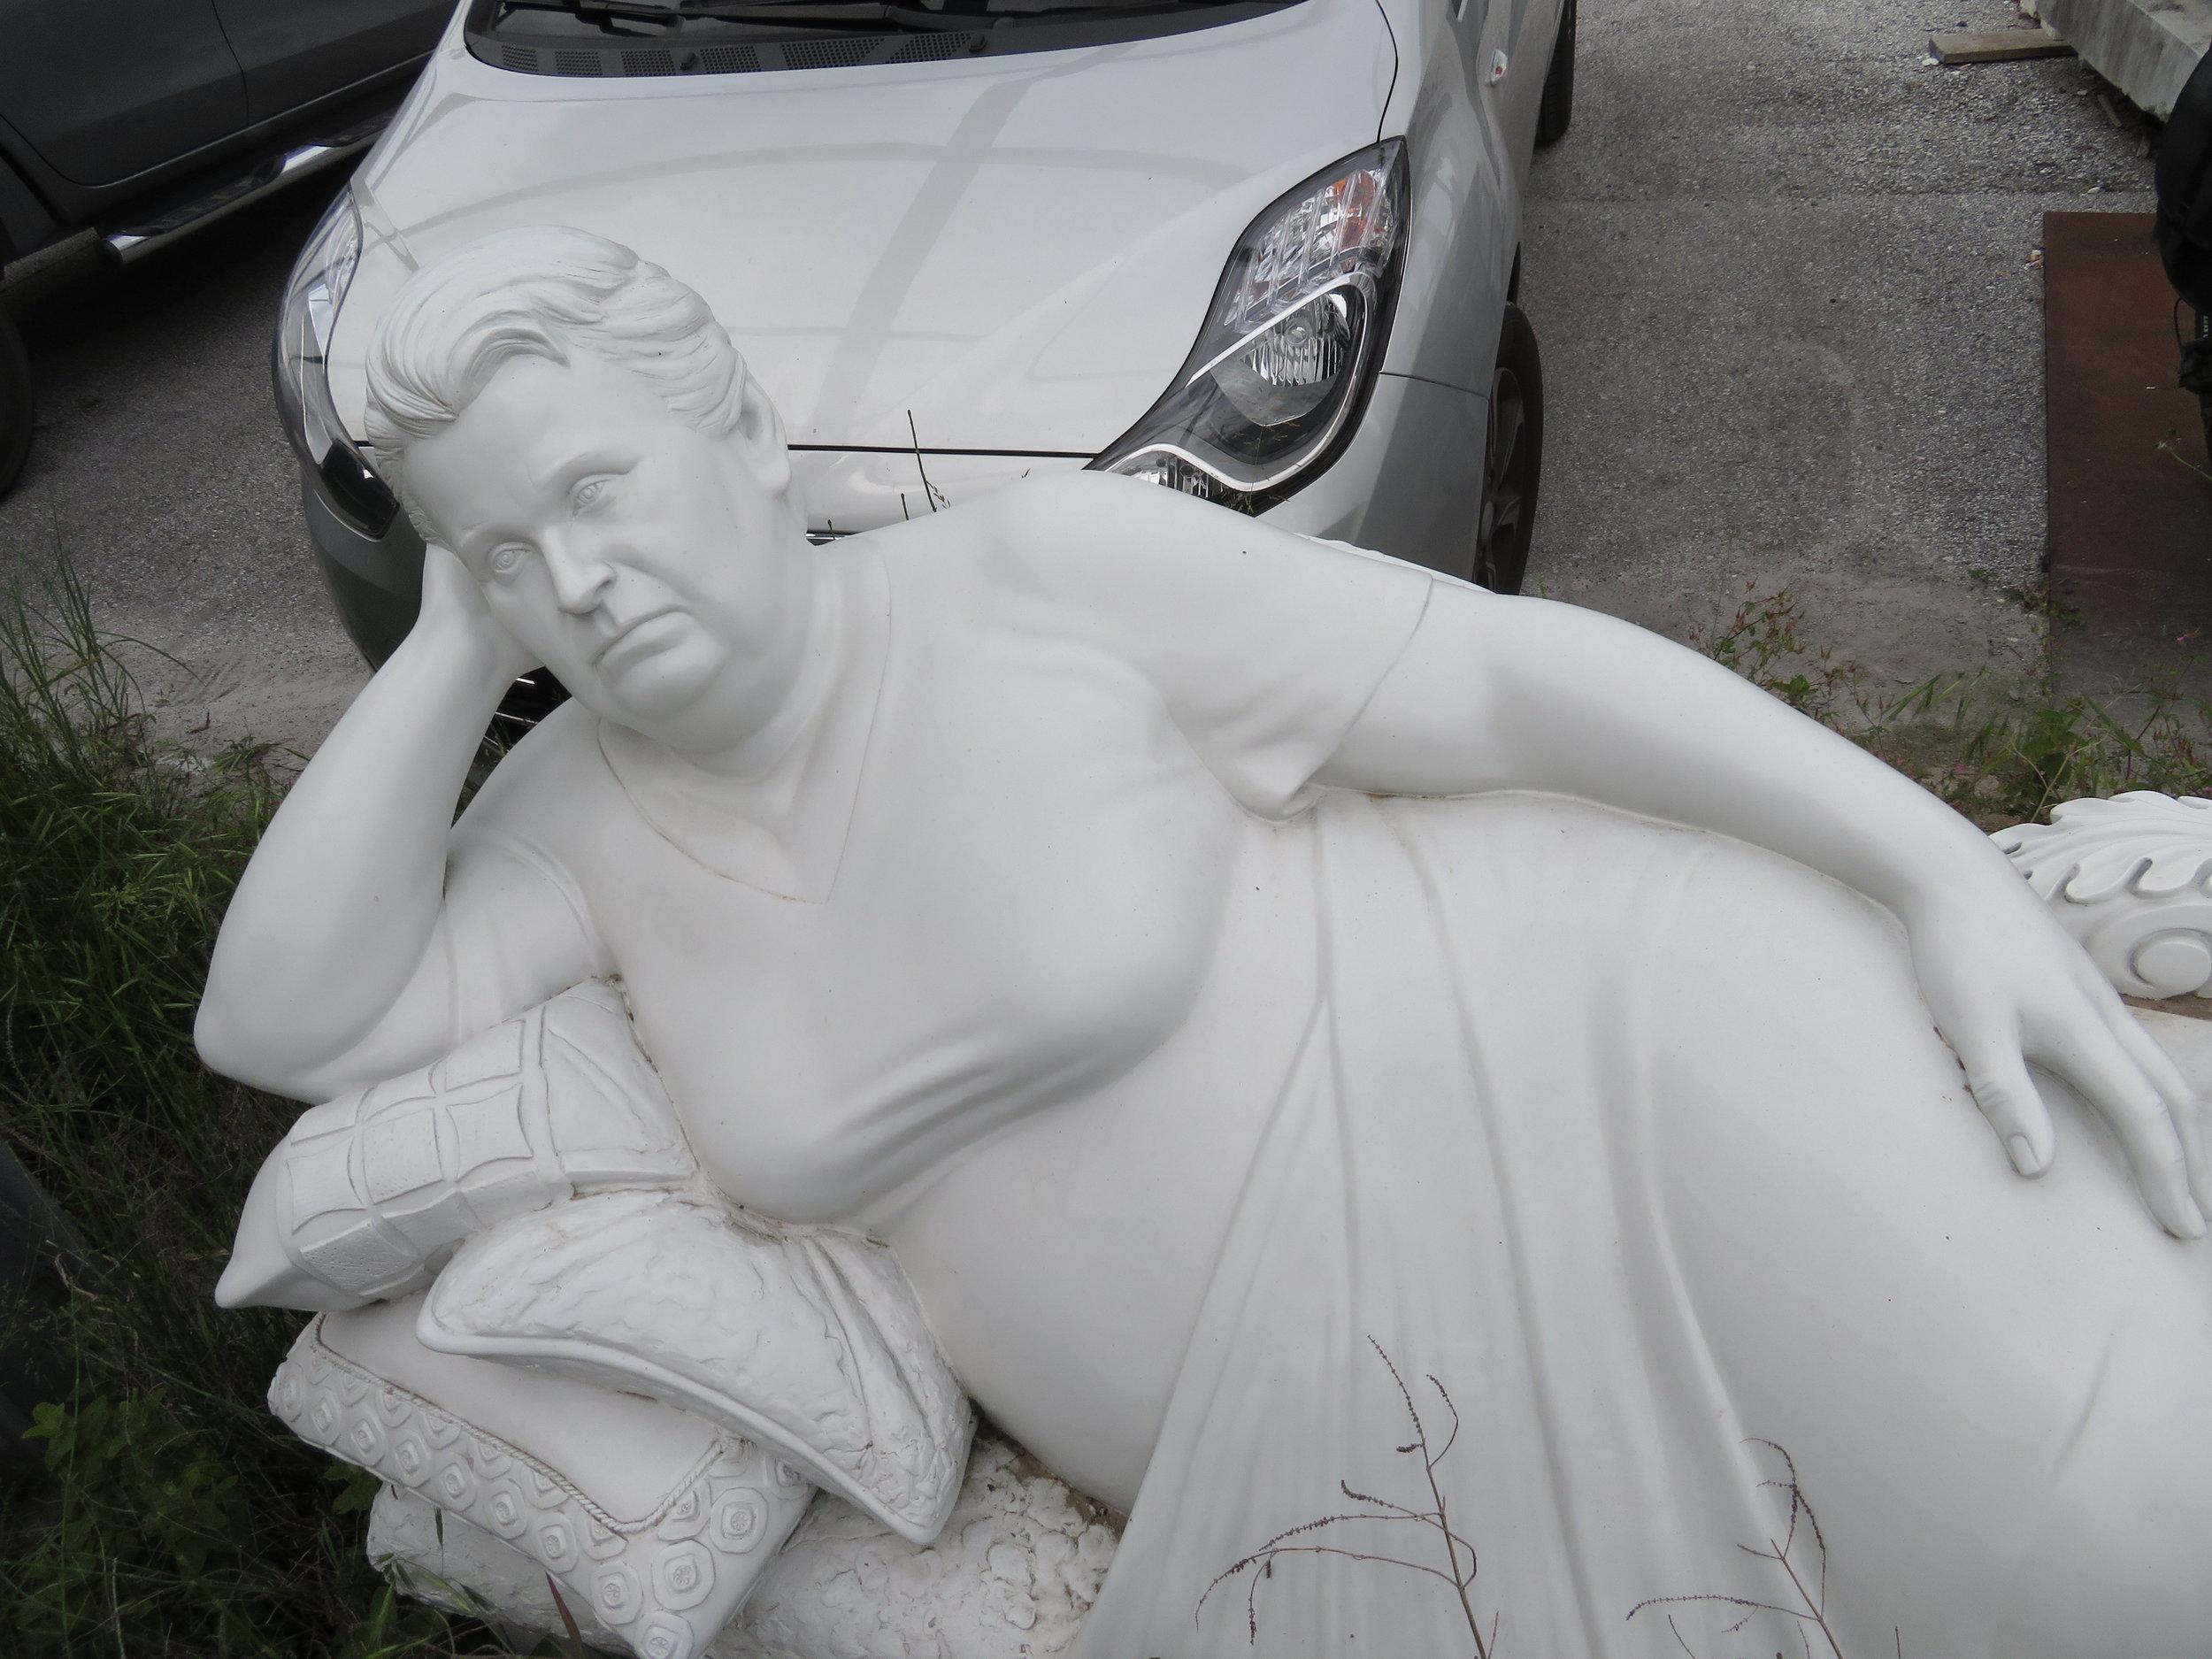 pietrasanta_reclining marble.JPG